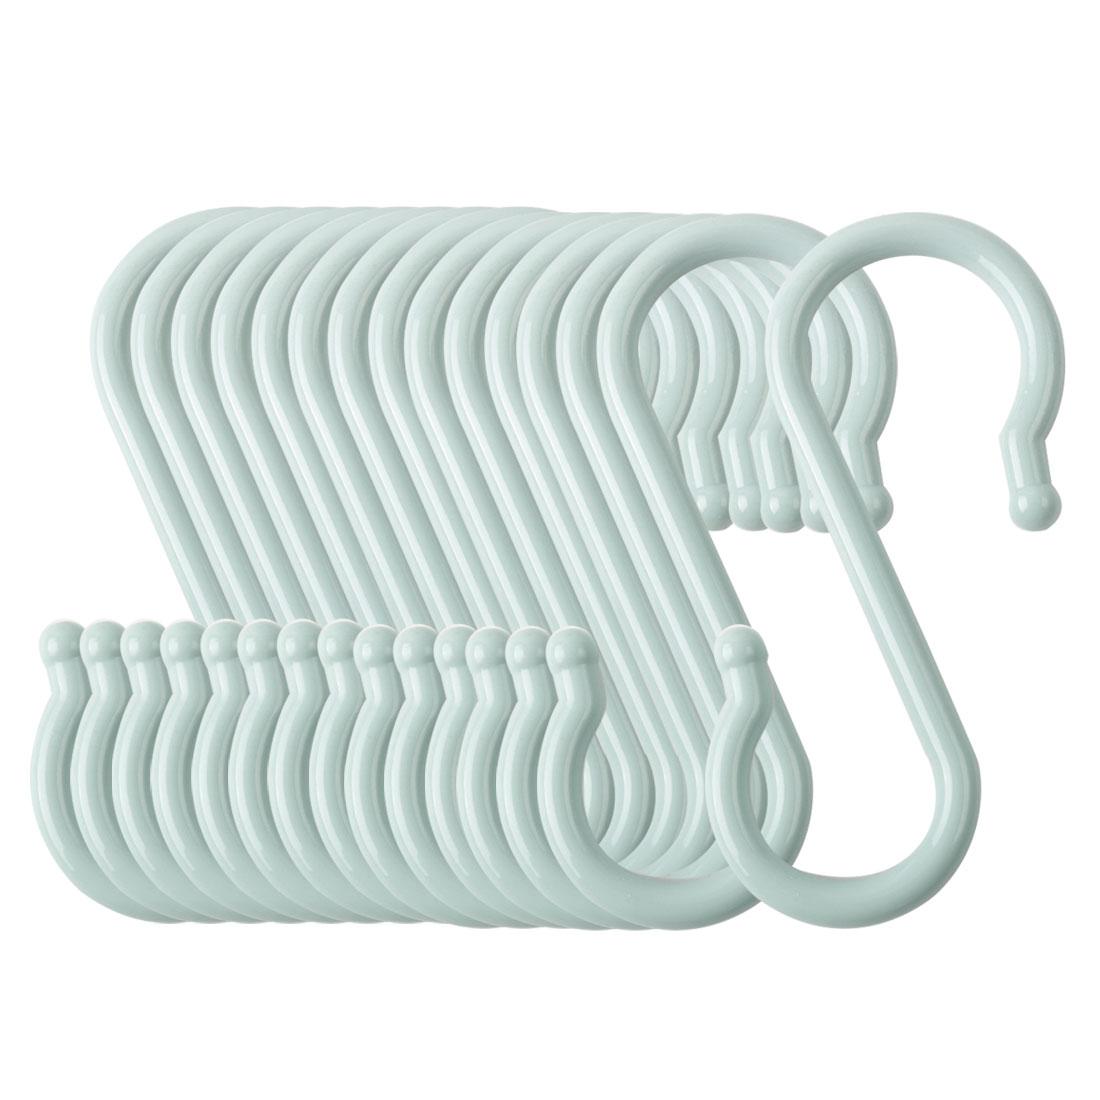 15 Pack S Shaped Hook Plastic for Kitchen Utensils Coat Towel Hanger Light Blue